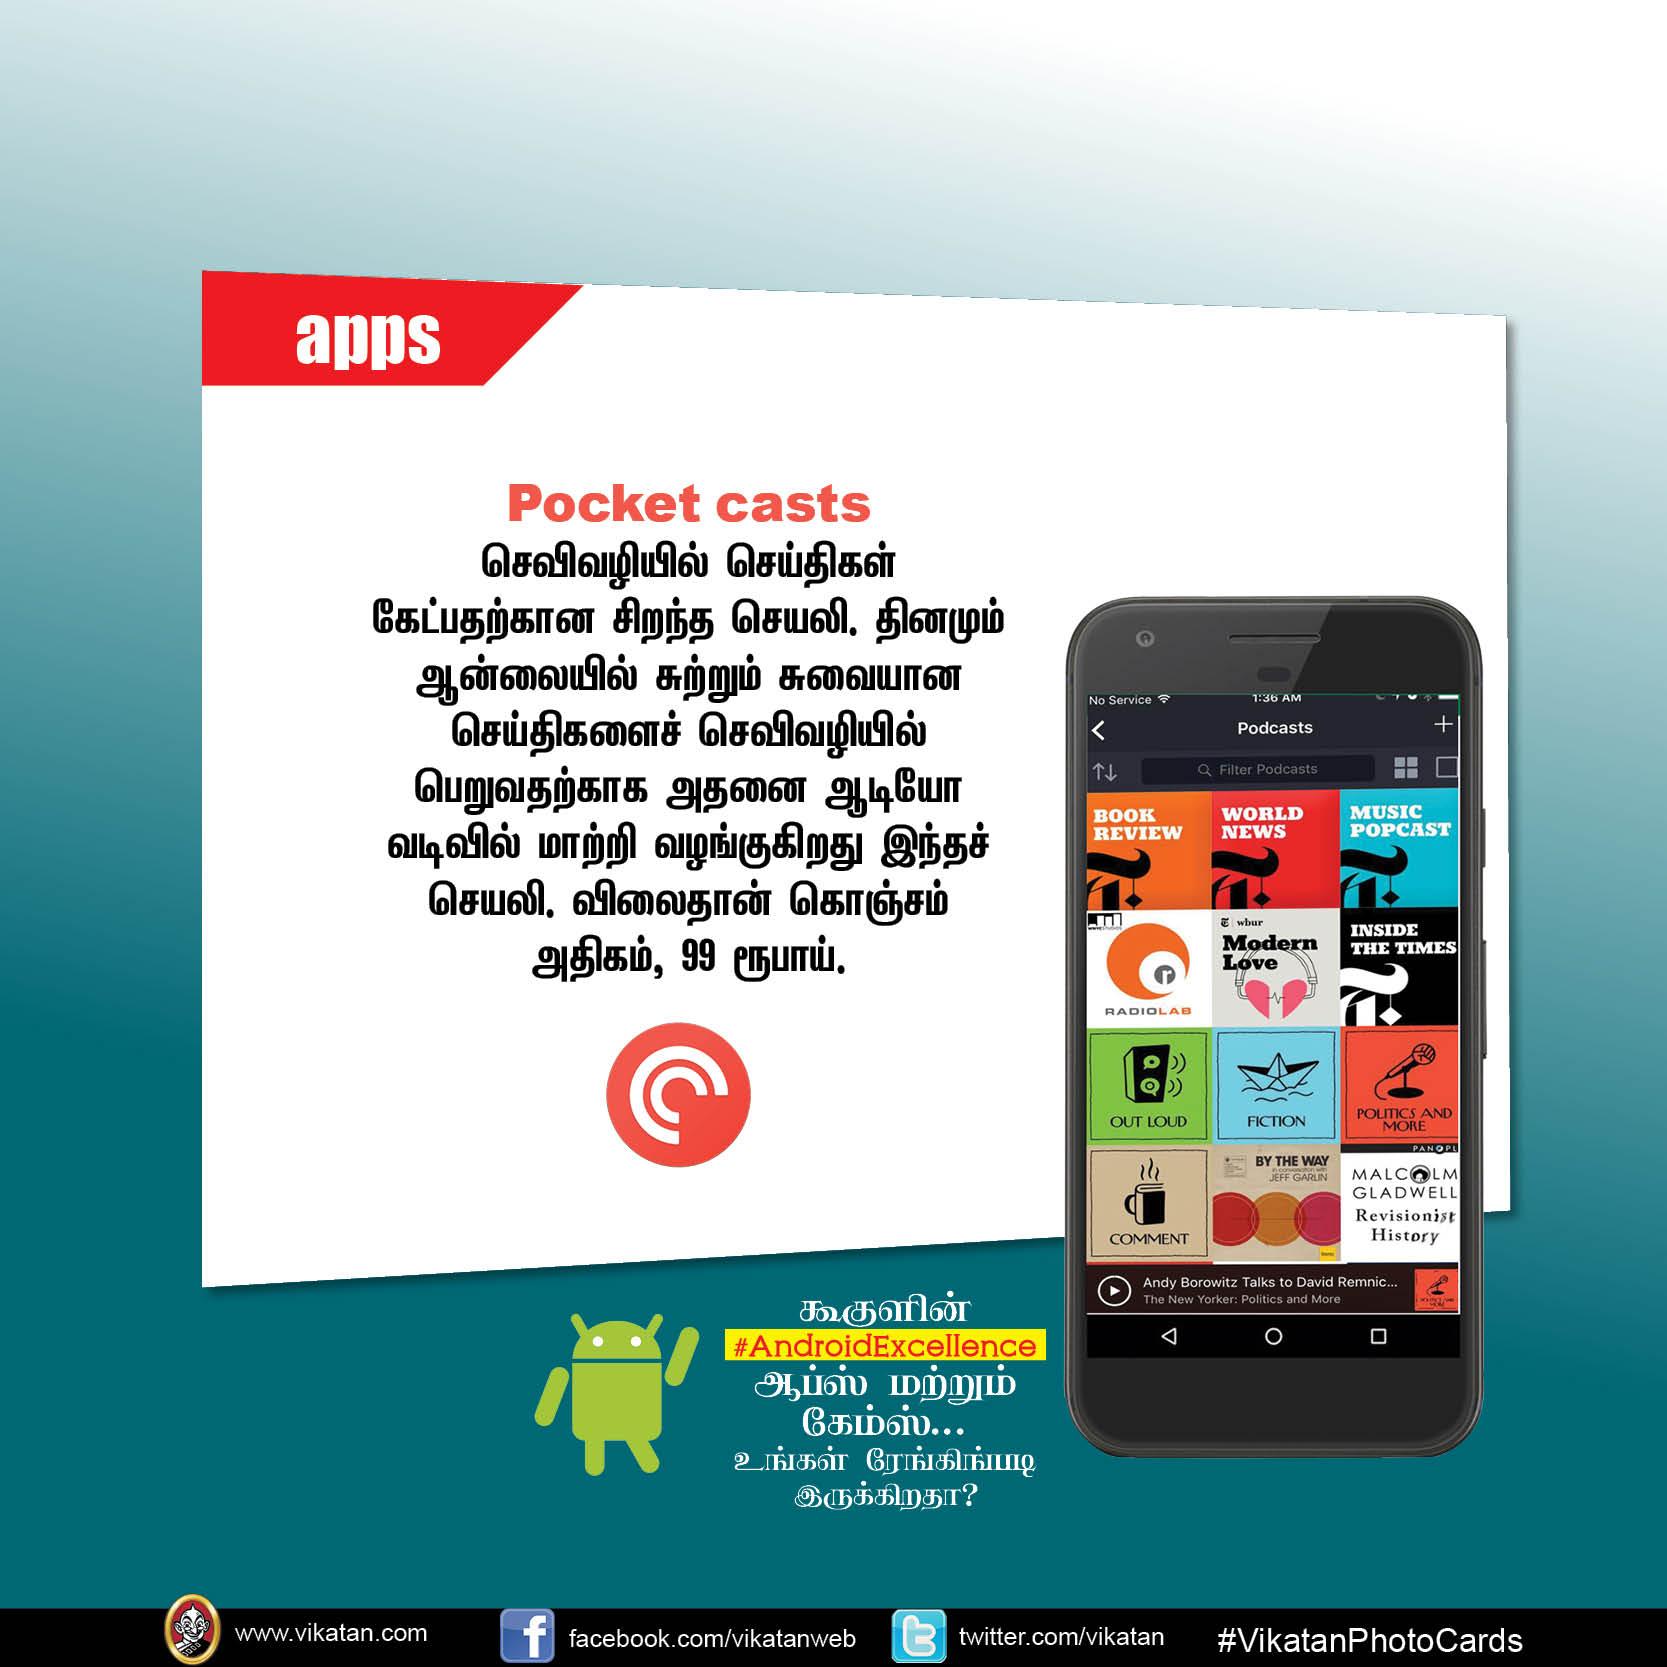 கூகுளின்  #AndroidExcellence ஆப்ஸ் மற்றும் கேம்ஸ்... உங்கள் ரேங்கிங்படி இருக்கிறதா? #VikatanPhotoCards